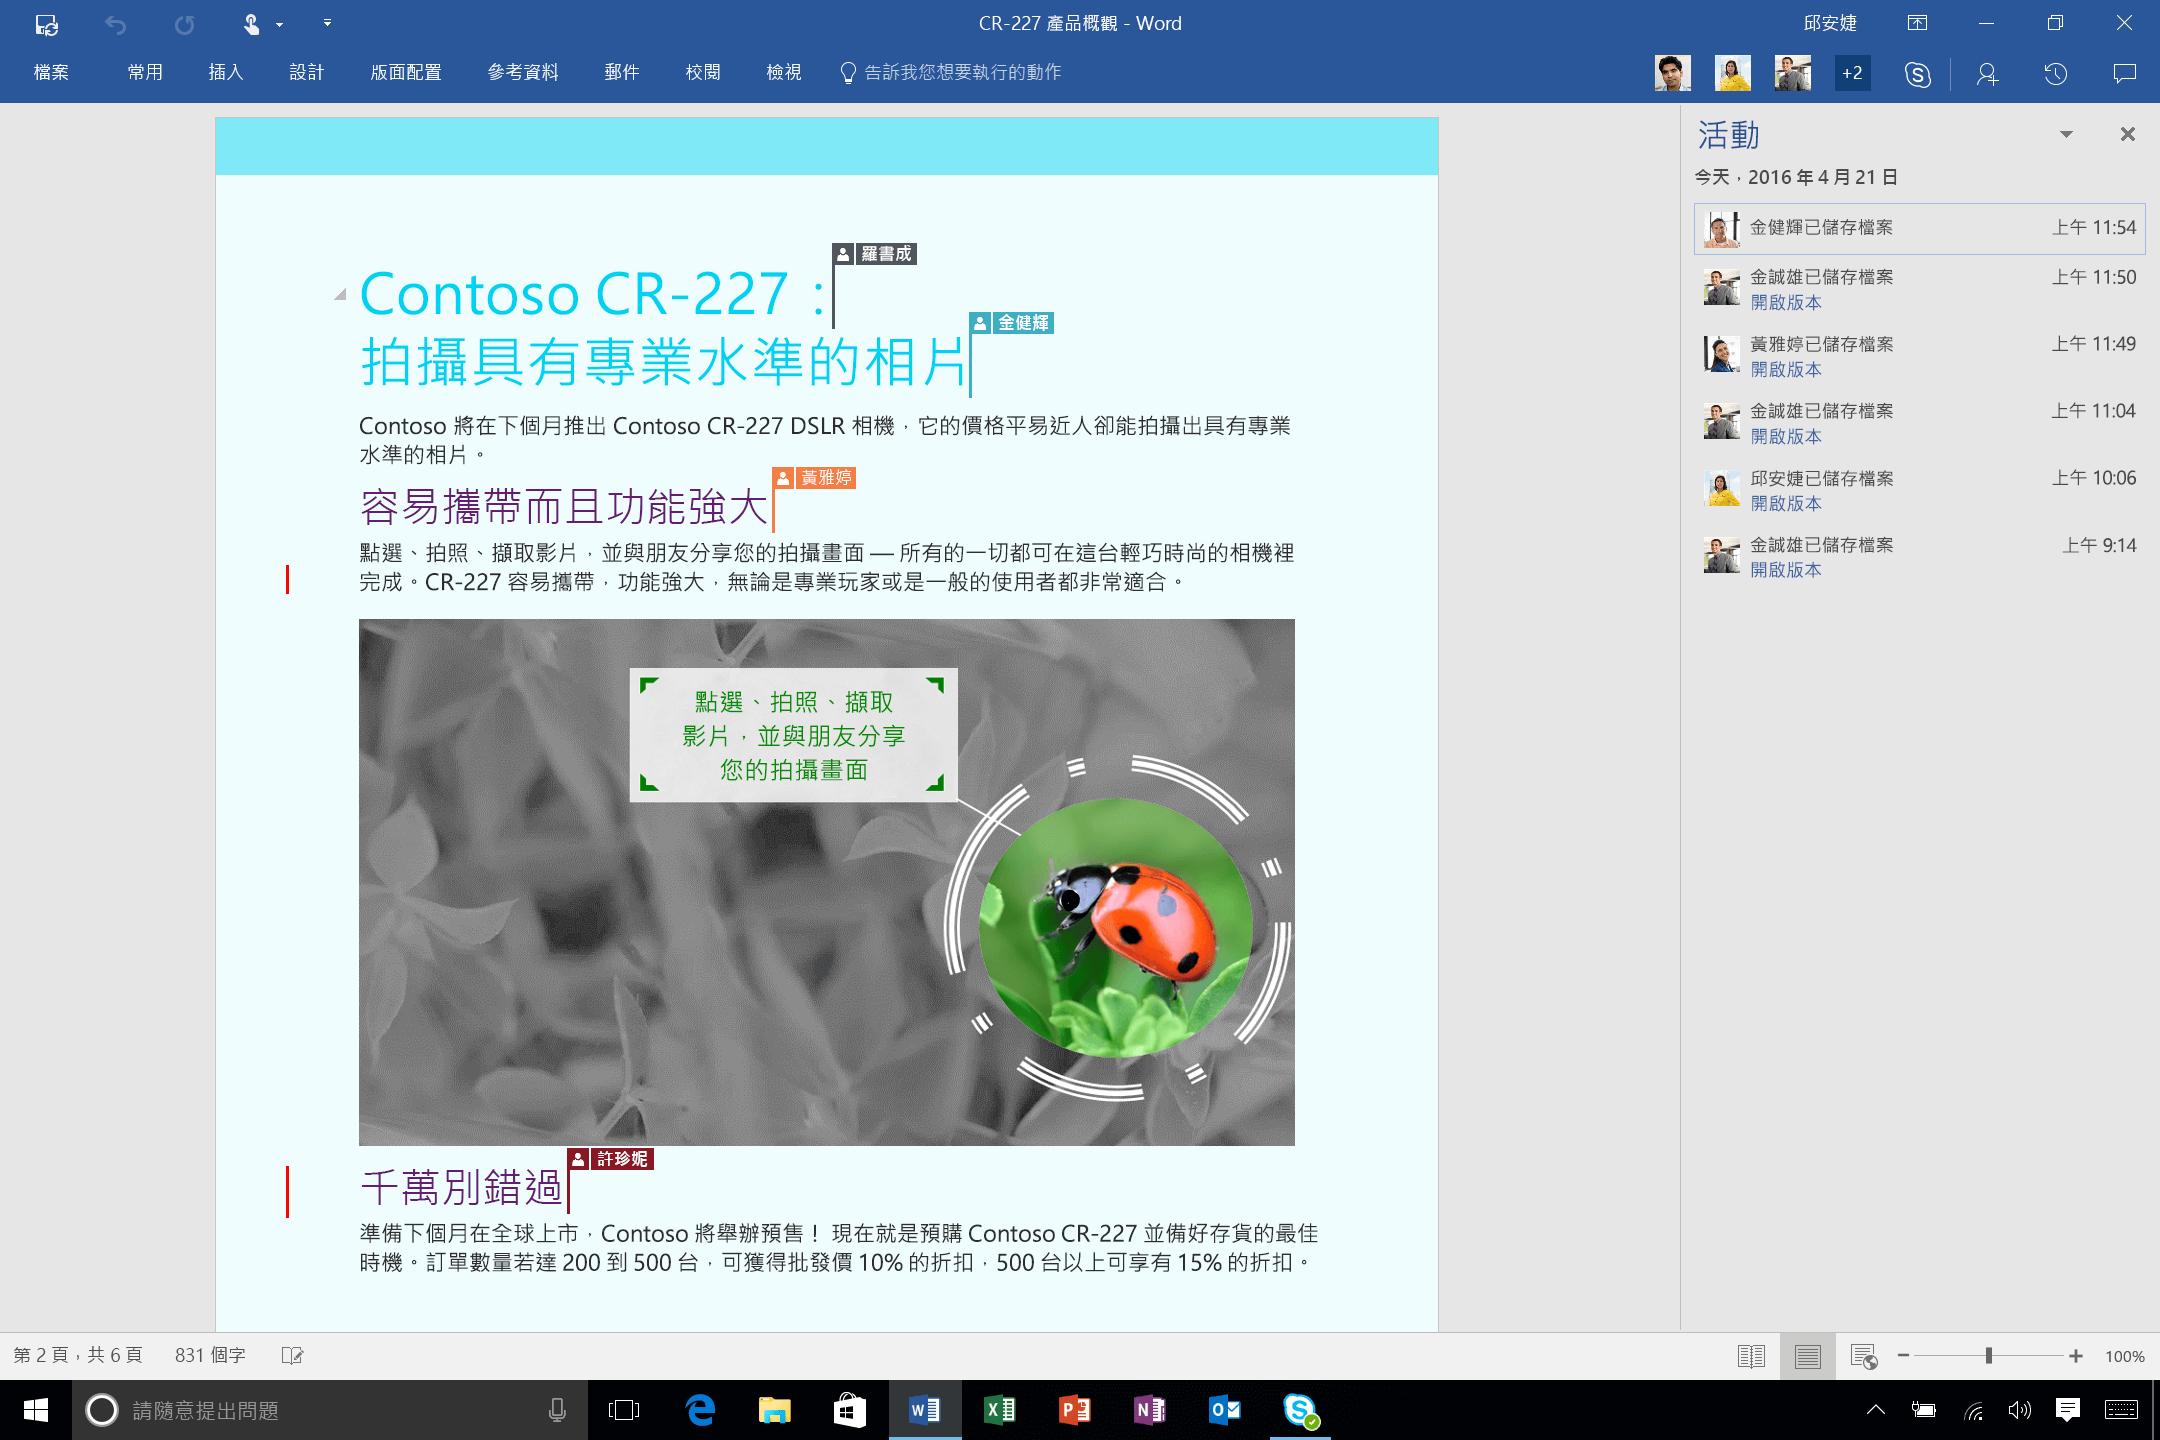 按一下接近上方的 [活動] 按鈕以取得 [活動] 窗格,您可以在此看到或開啟舊版的文件畫面的右。